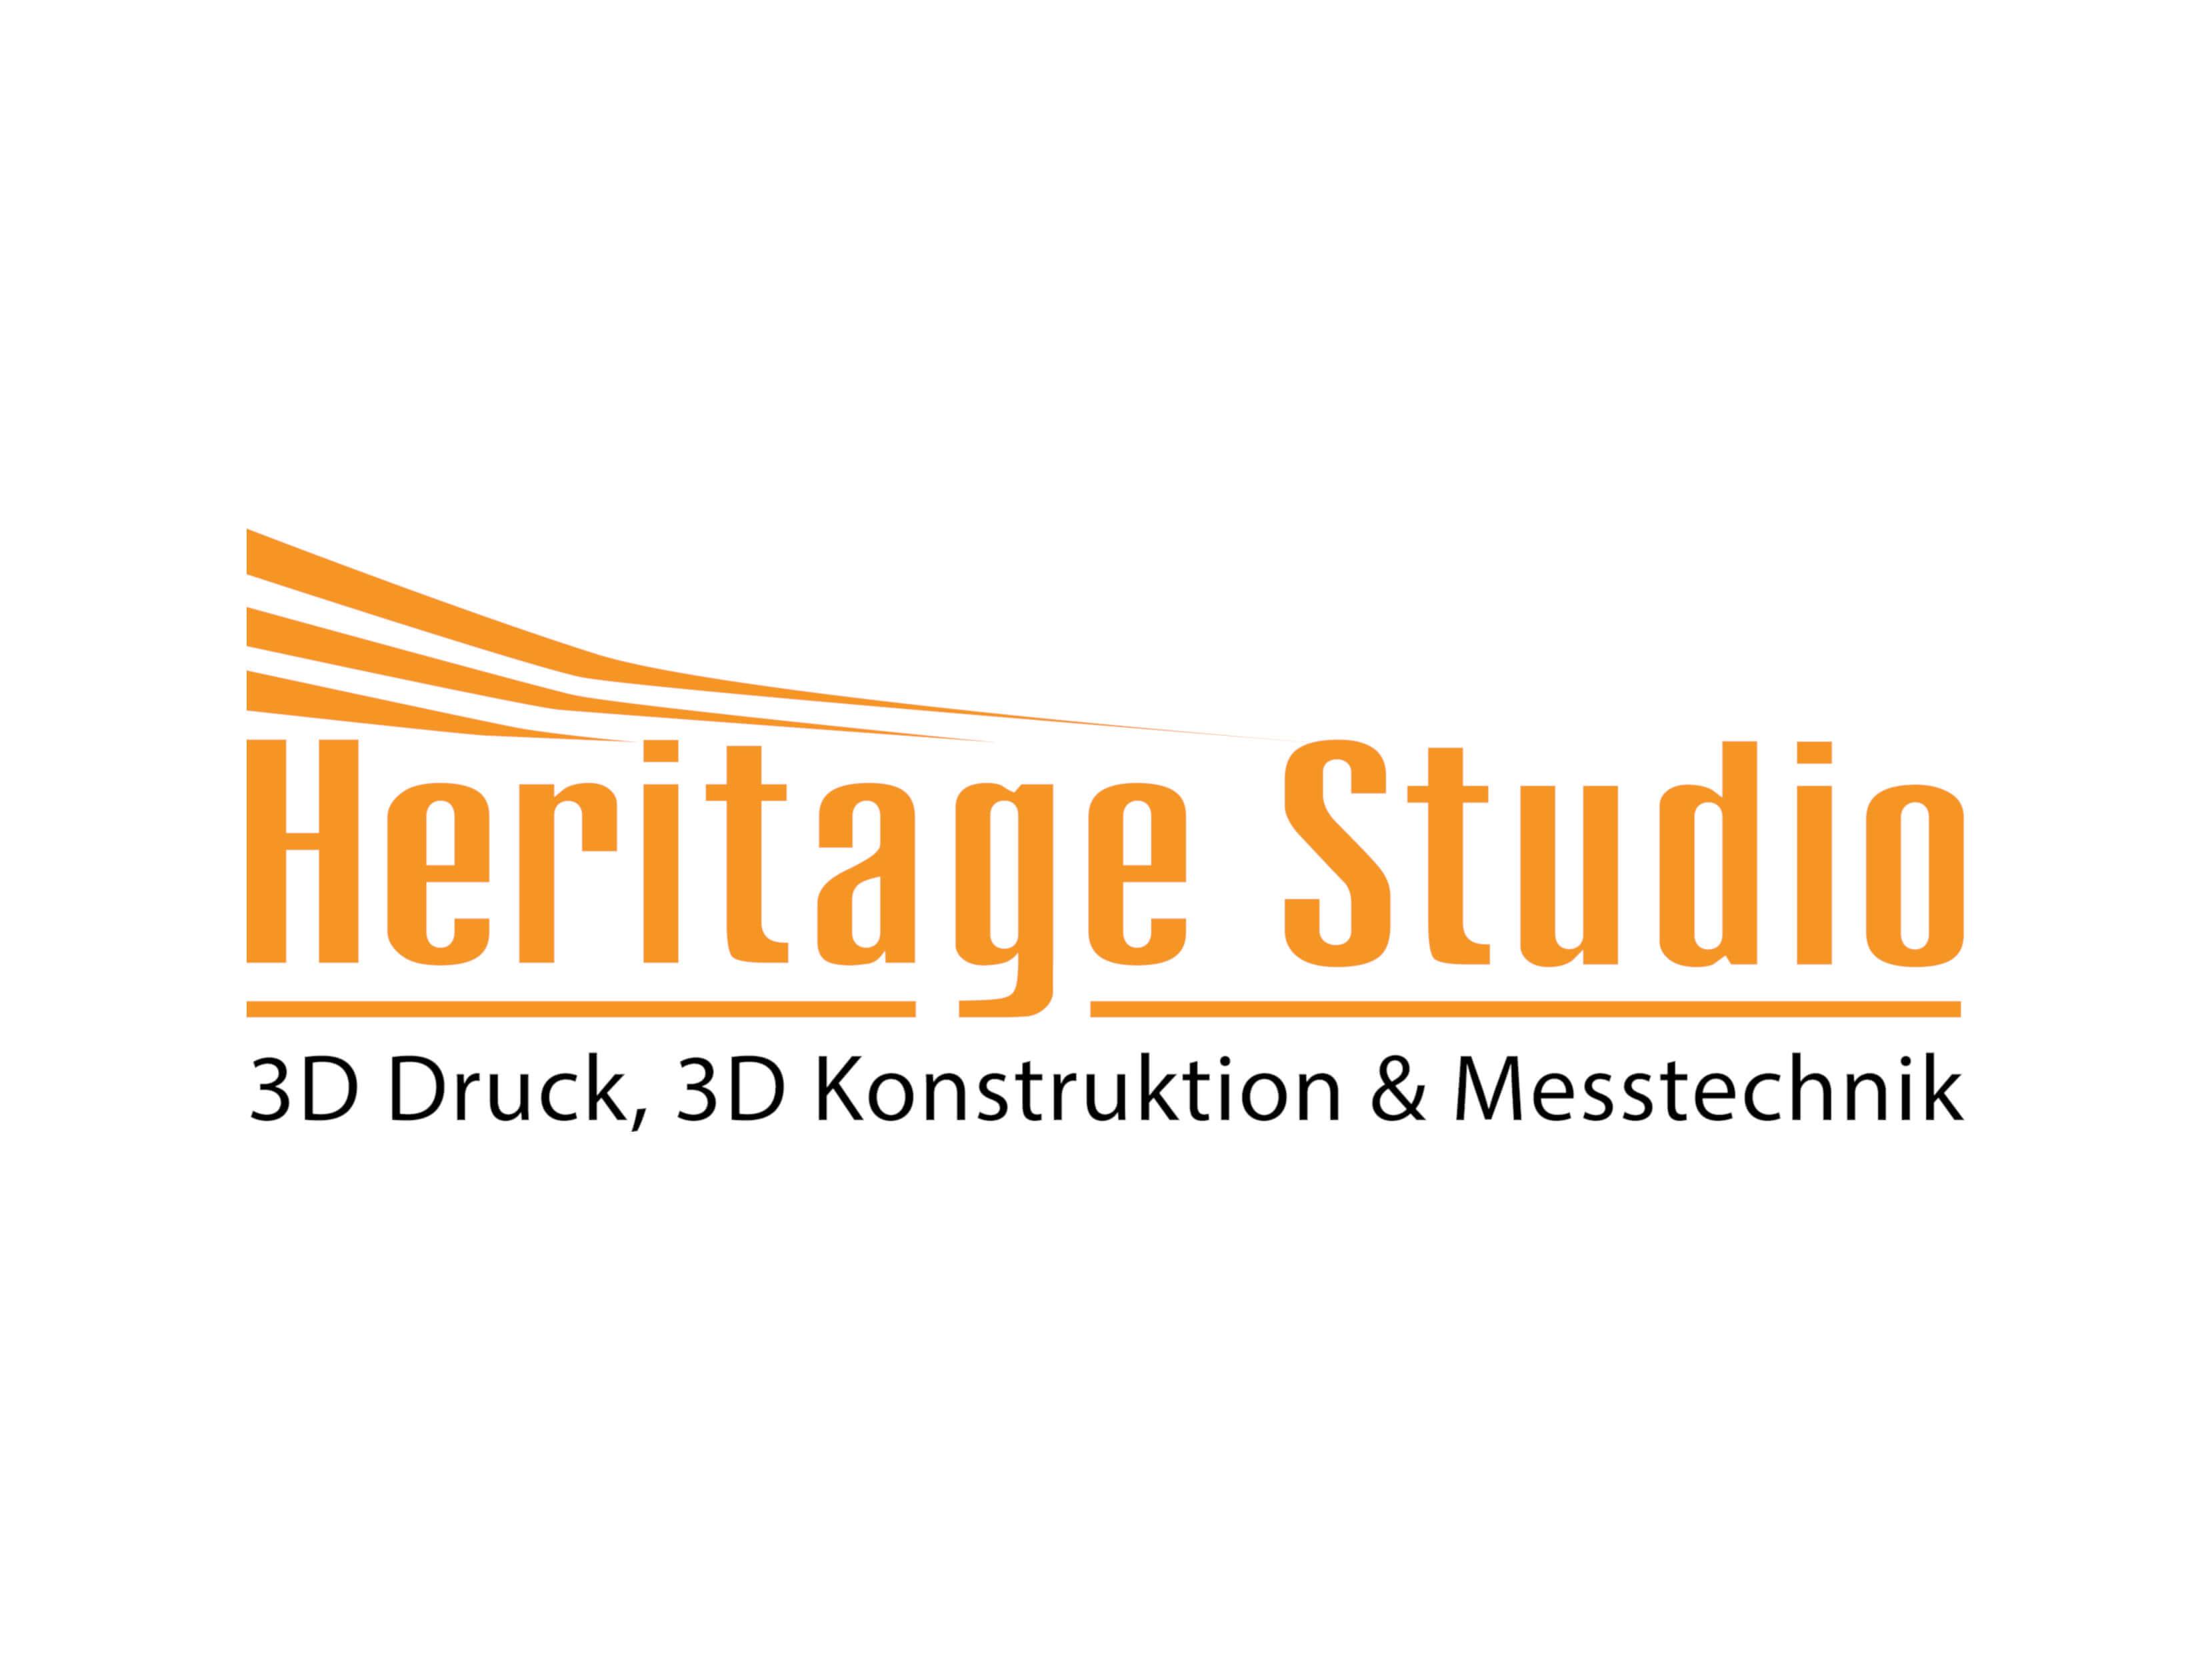 Heritage Studios